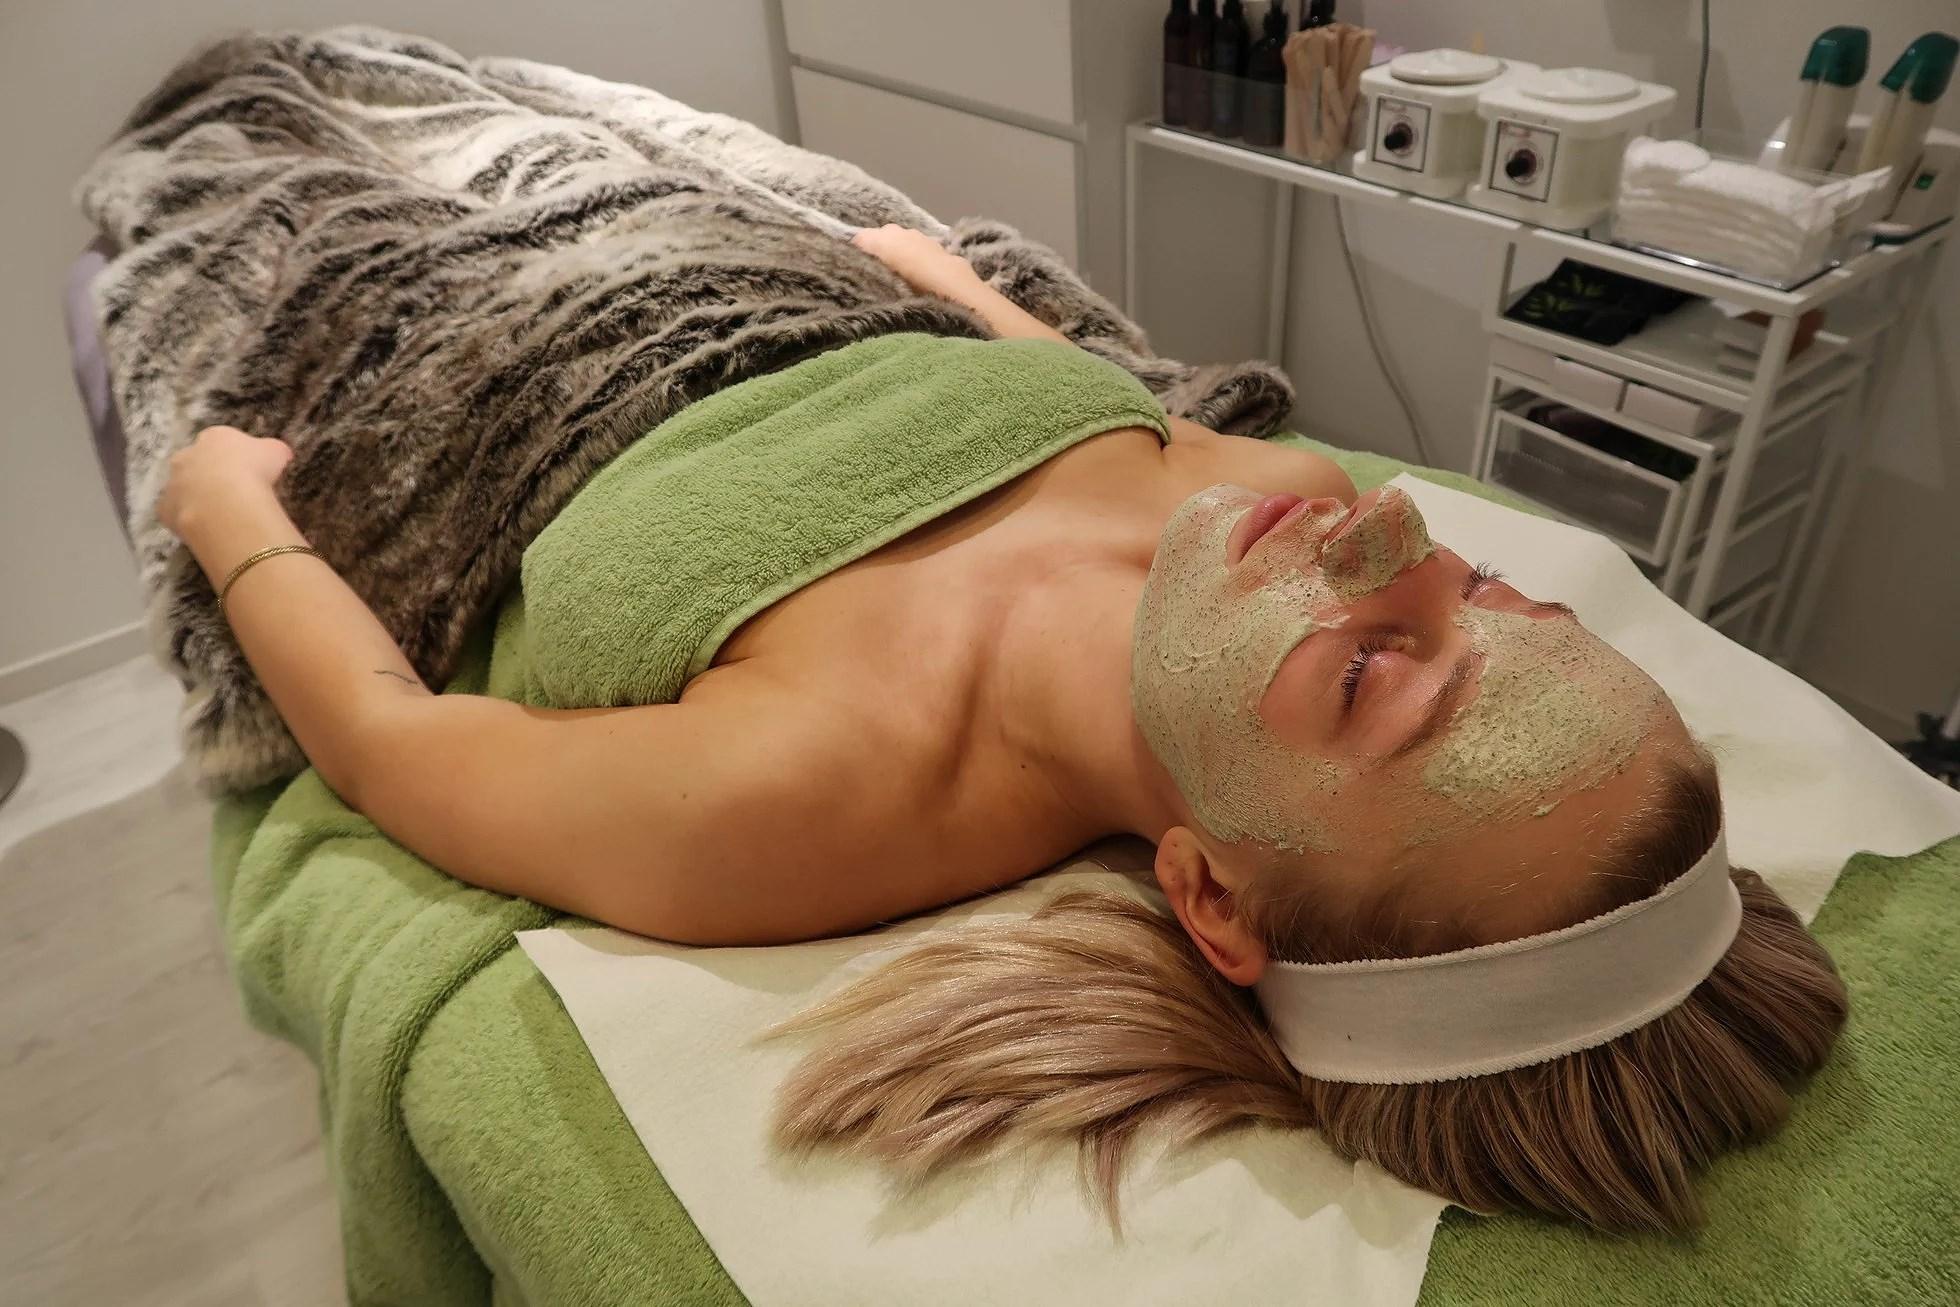 Green Peel - bedring av akne, arr og store porer